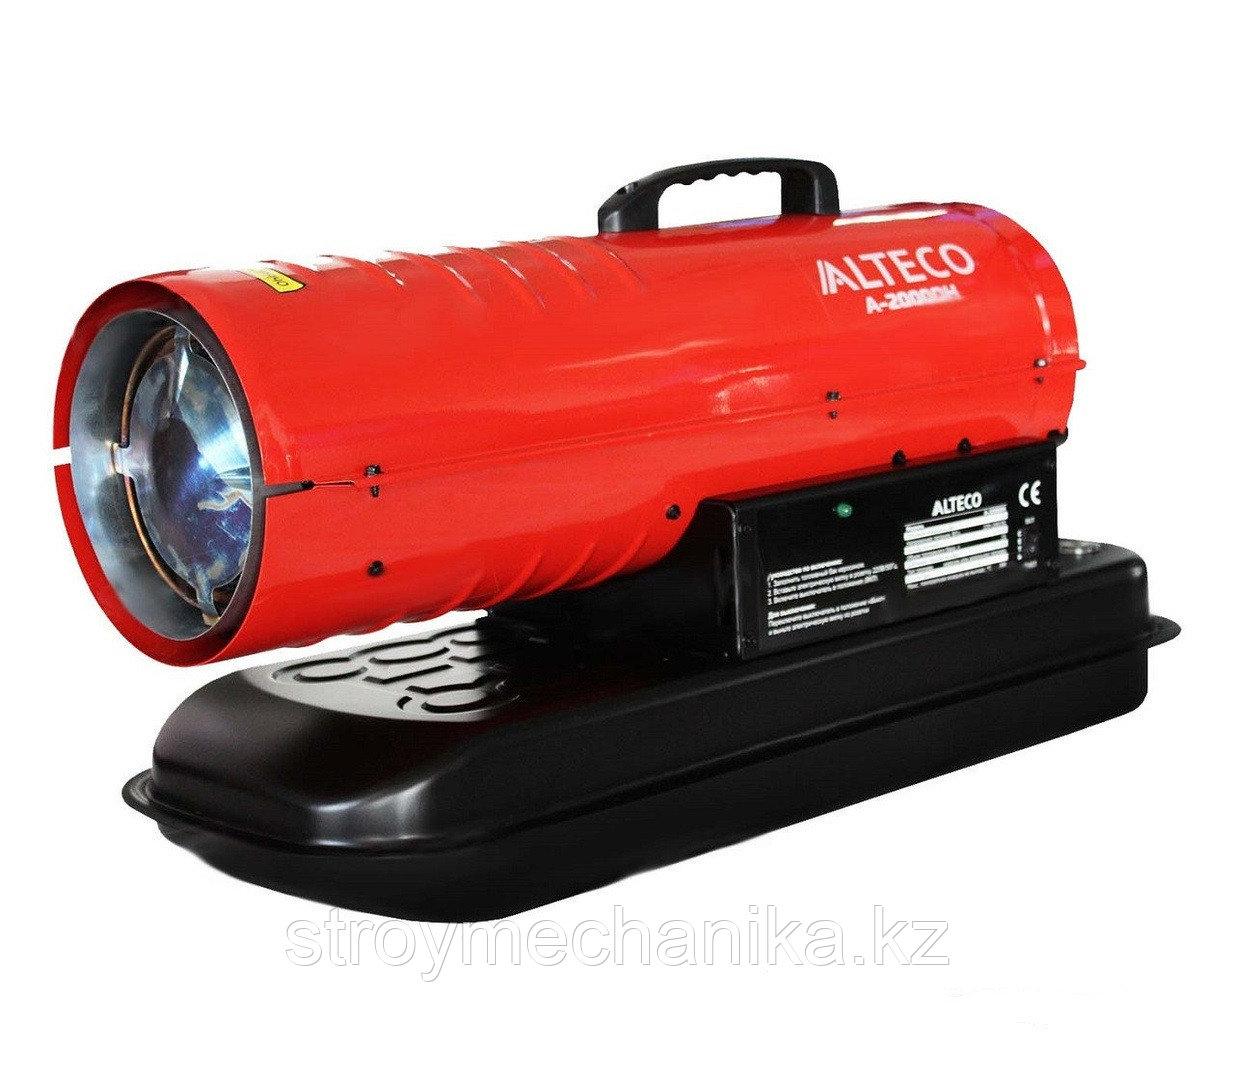 Нагреватель на жидком топливе (дизельная пушка) 13 кВт Alteco A-2000DH